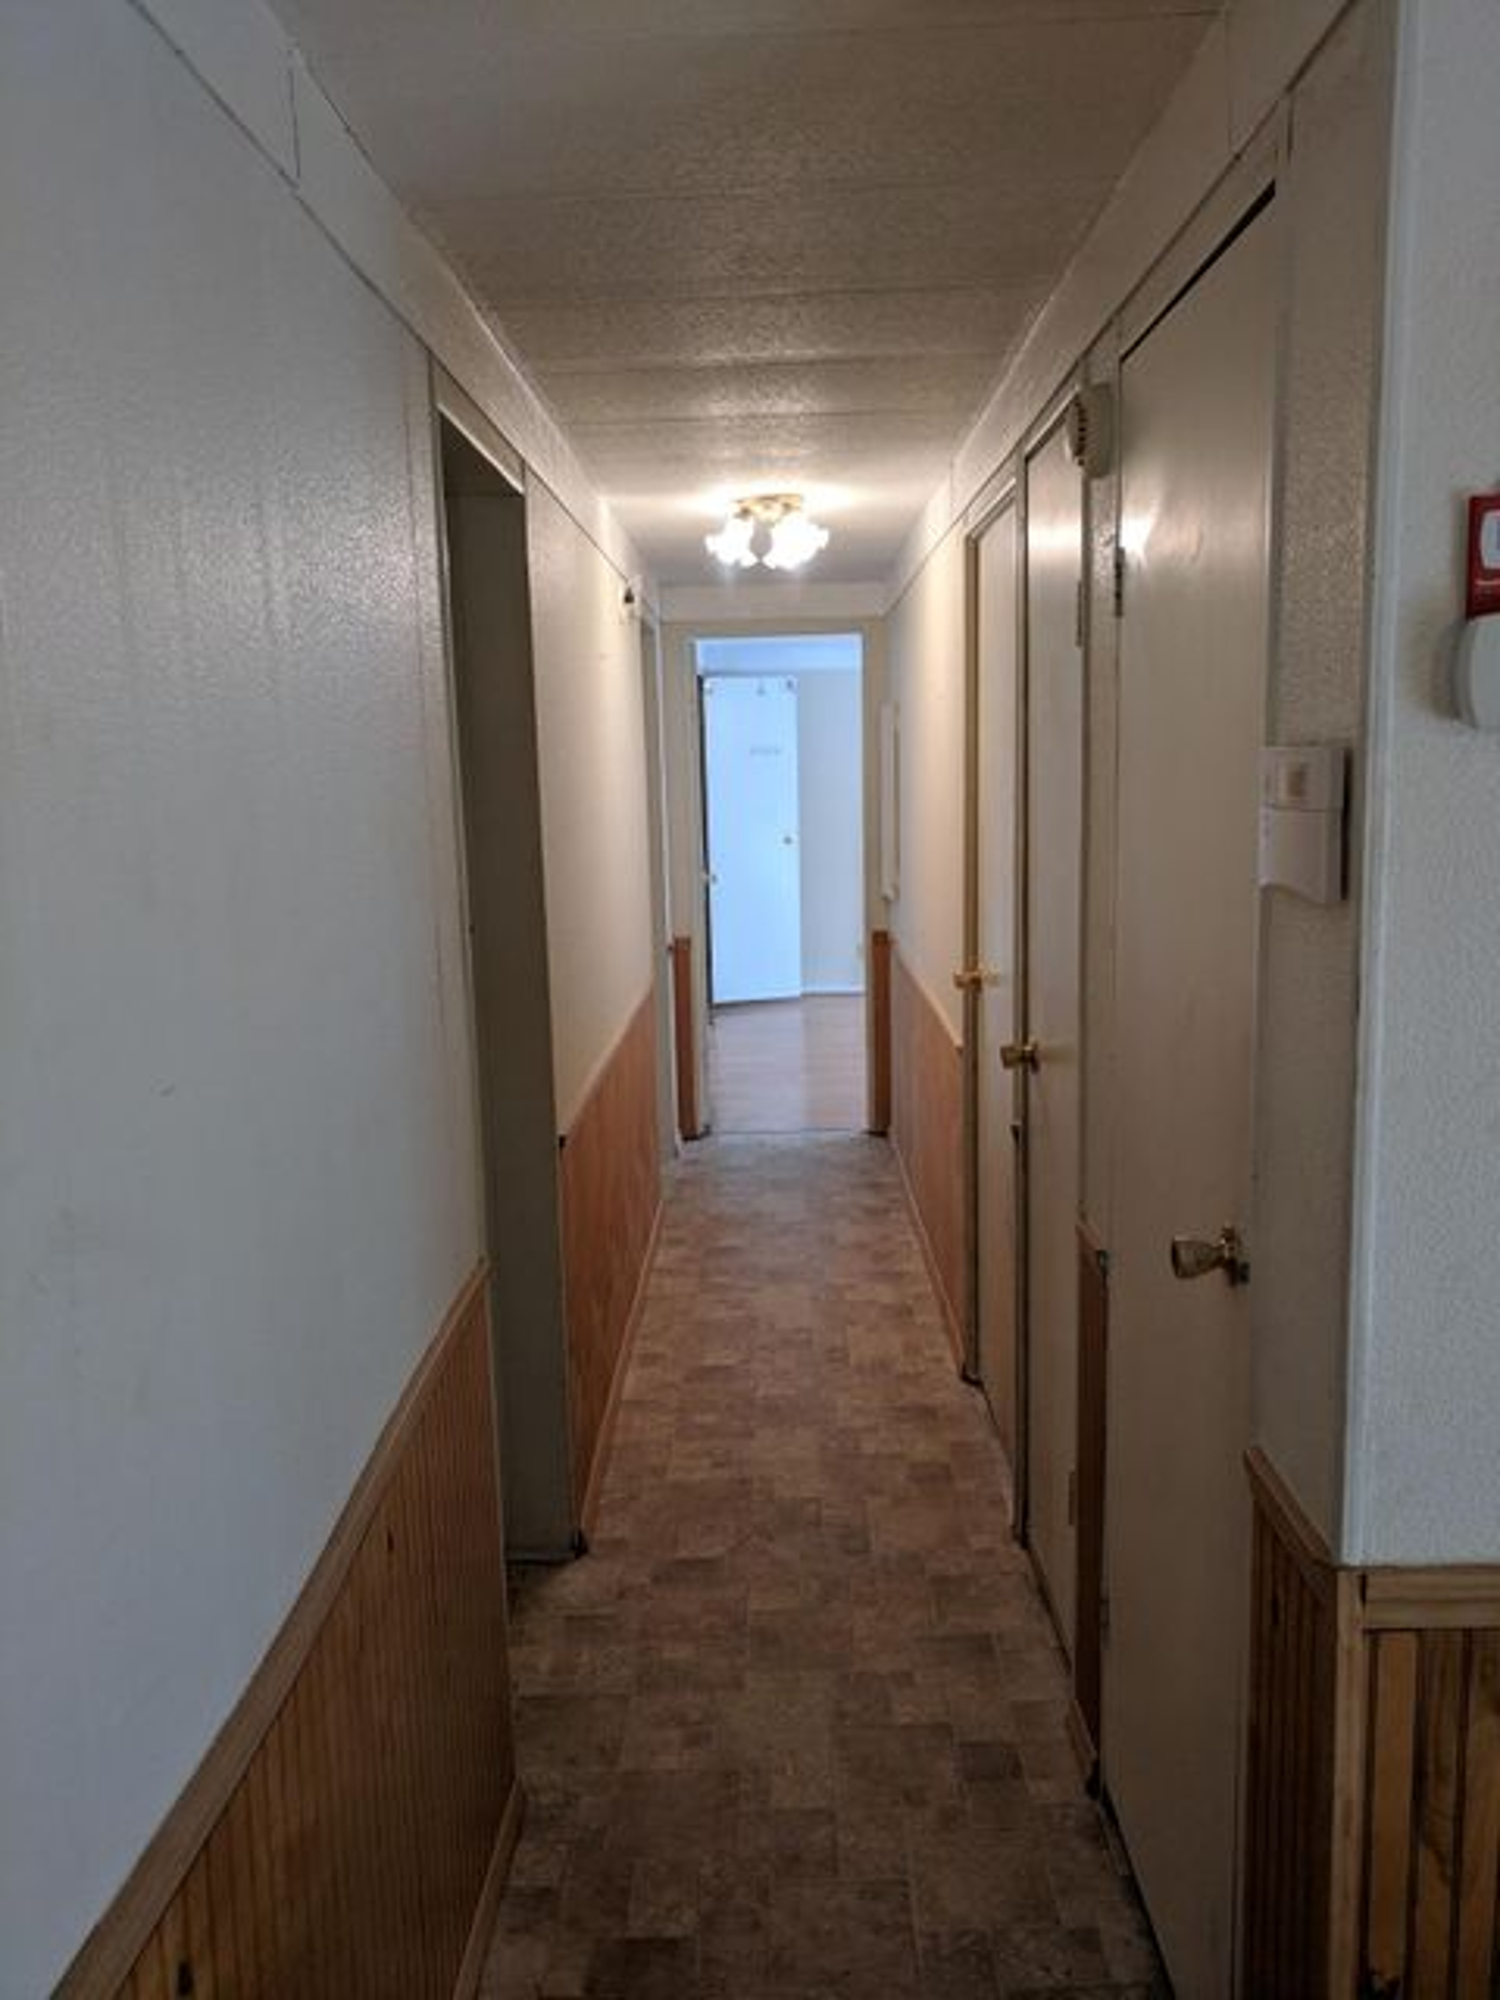 1434  Ot Wallace Boulevard Moncks Corner, SC 29461